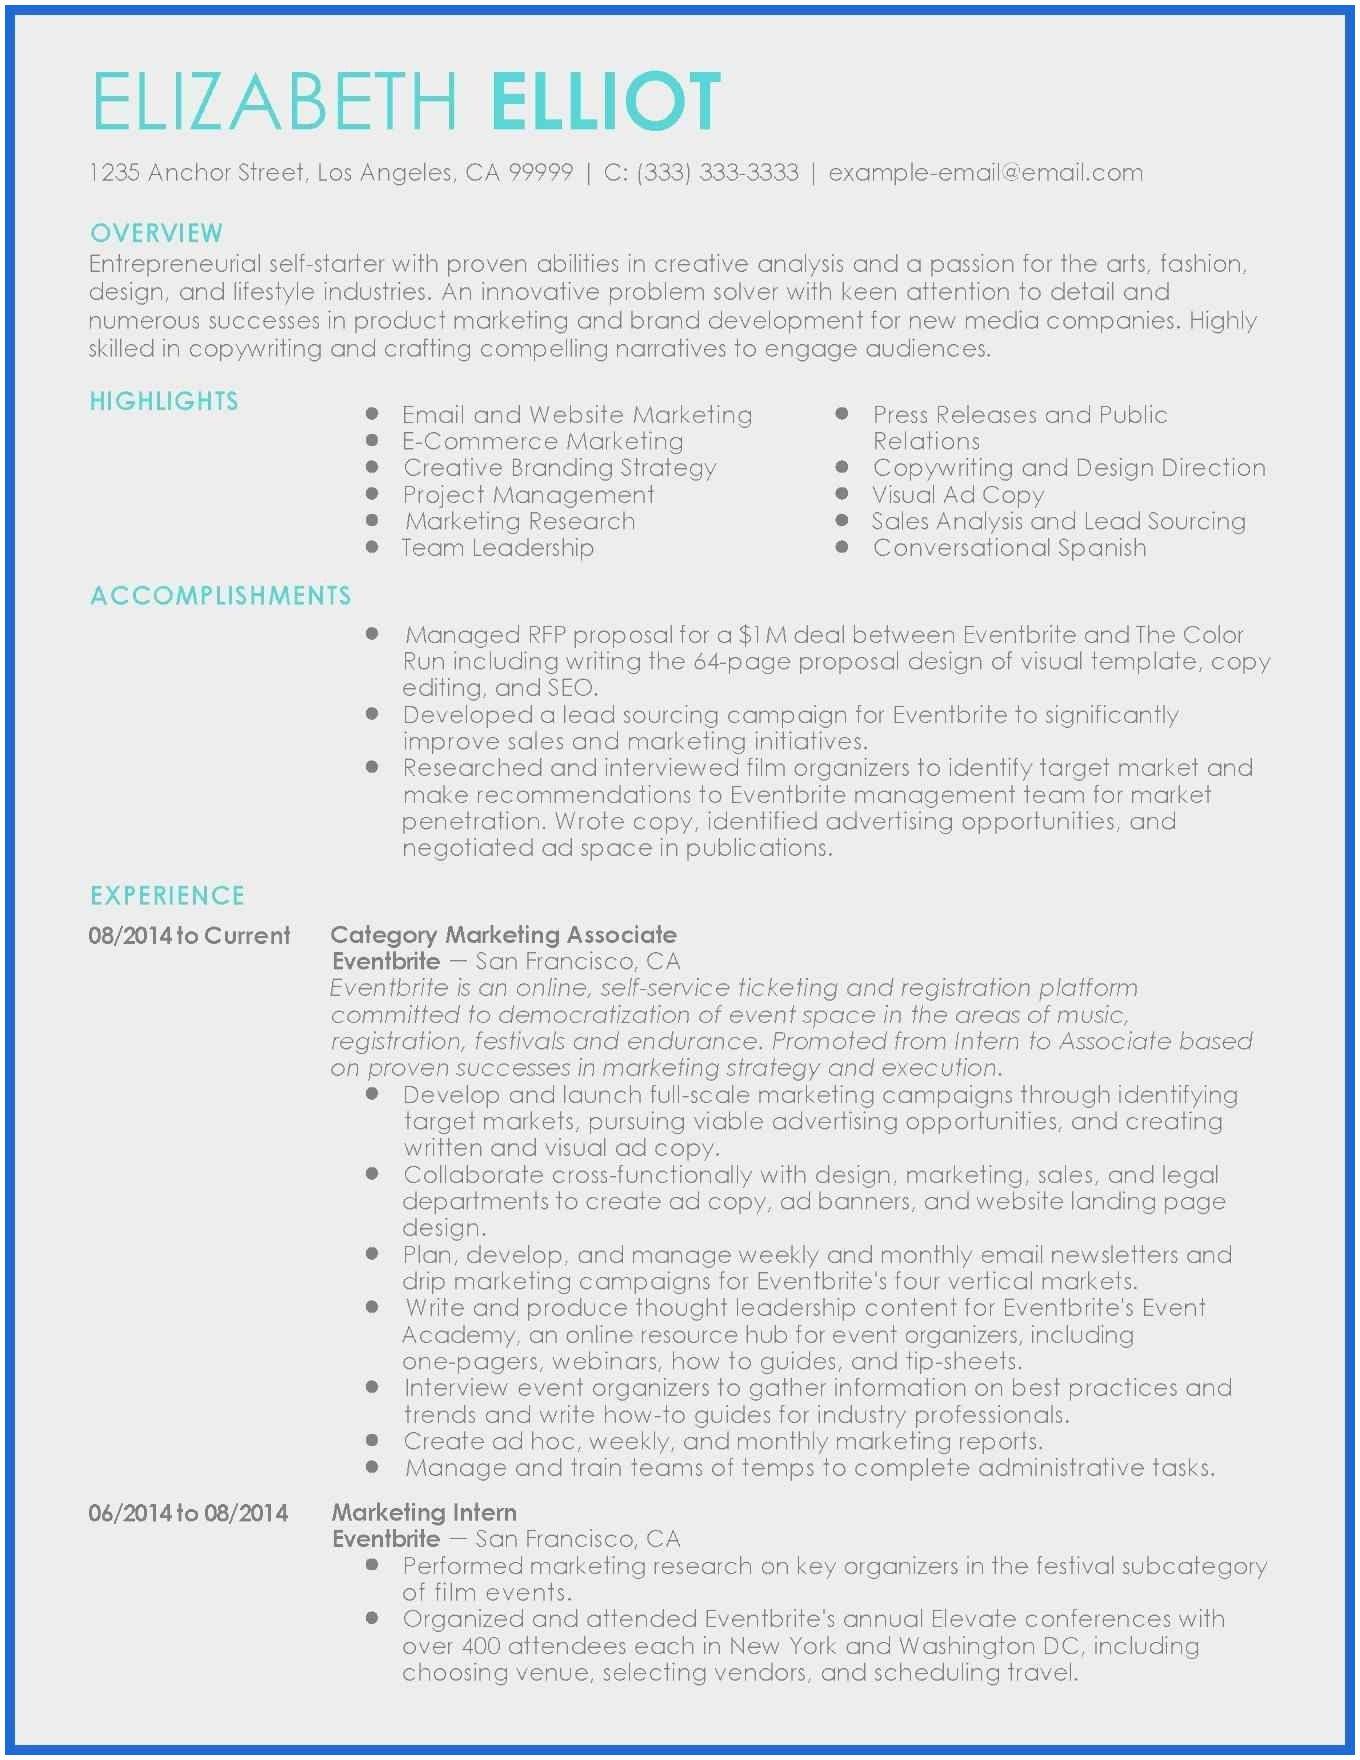 Entrepreneurship Journal Resume Sample Copy New Garden Journal Template New Media Image 0d 59